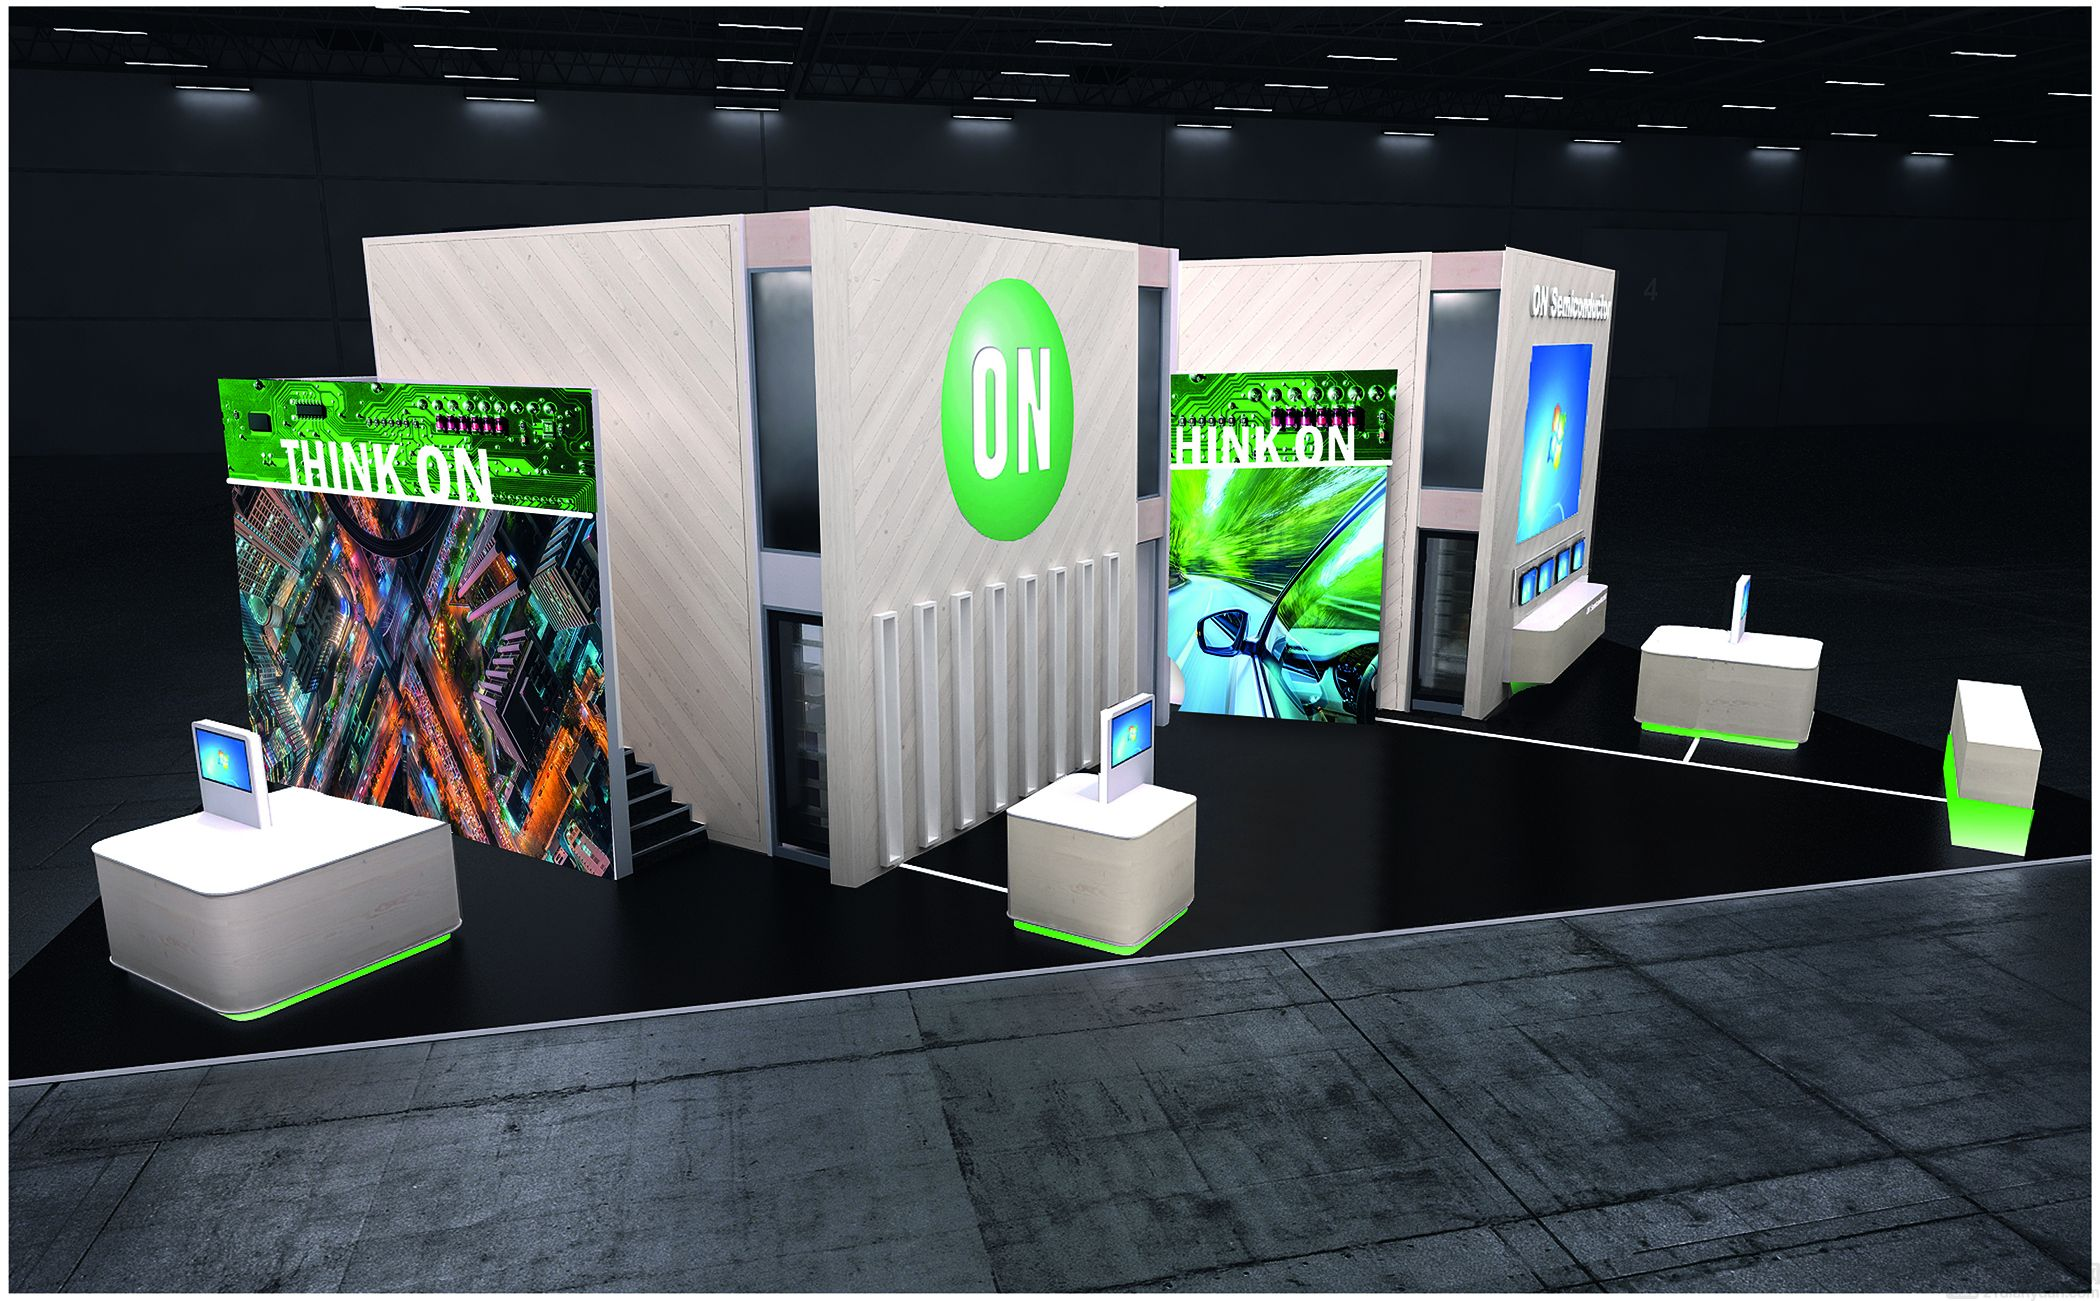 安森美半导体将在electronica 2018展示在汽车、电源转换和物联网的创新